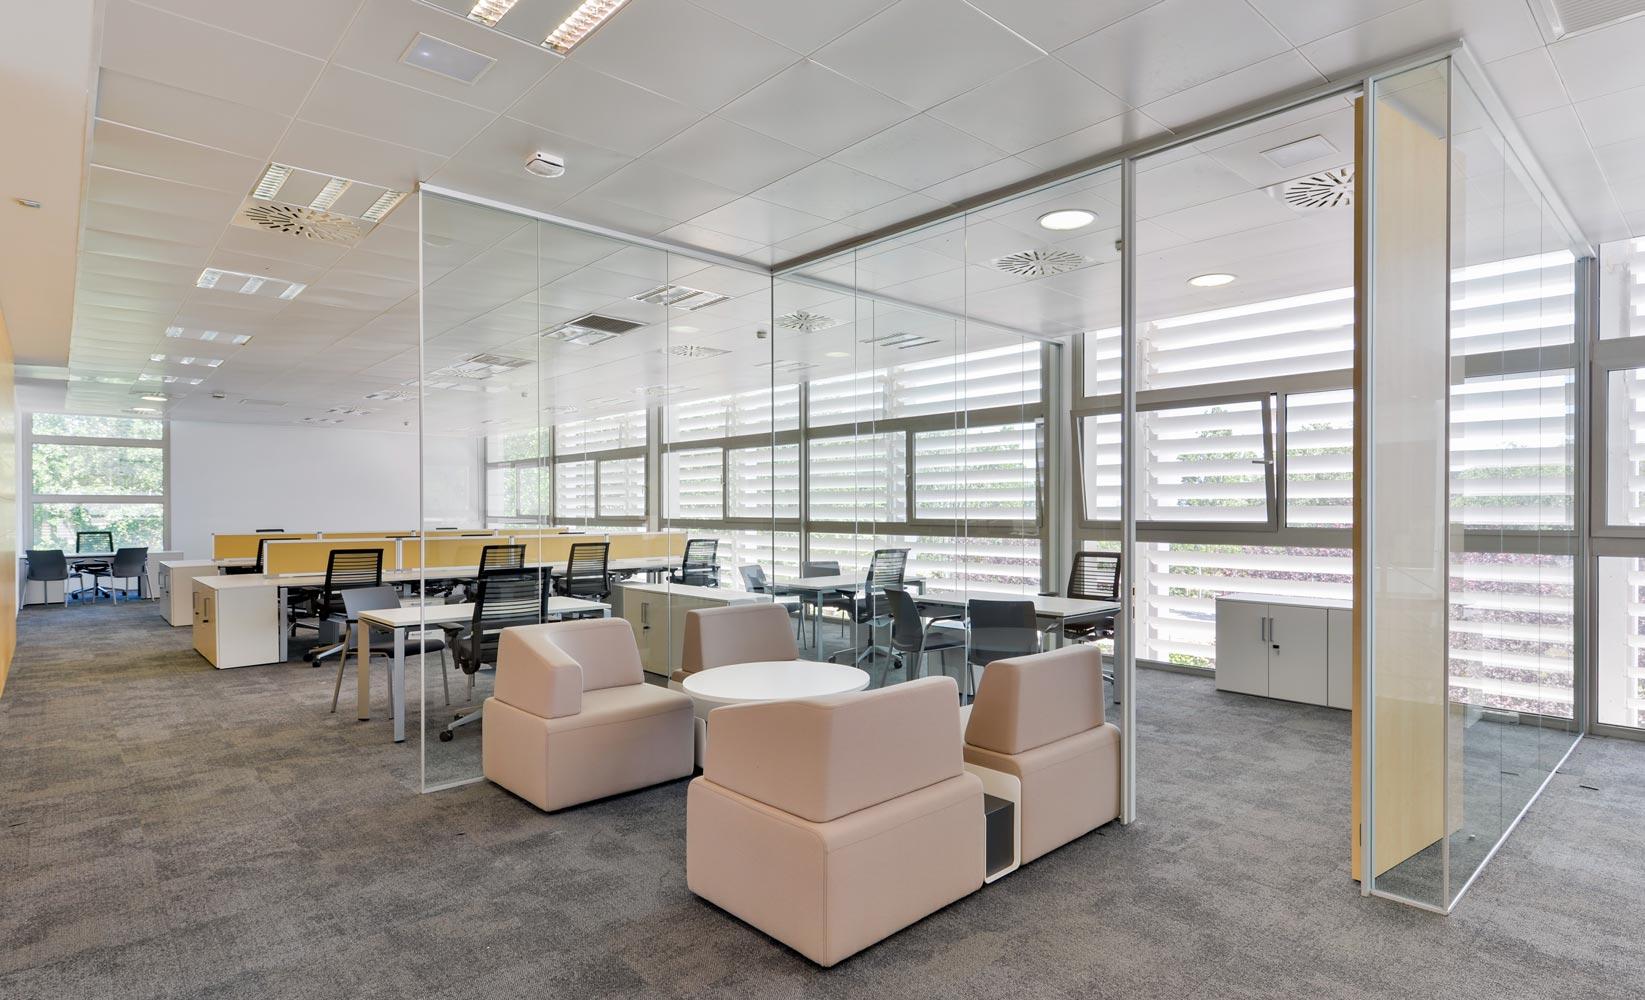 Trabajos-fotográficos-en-Ibiza-para-arquitectos-constructoras-diseñadores-de-interiores_25